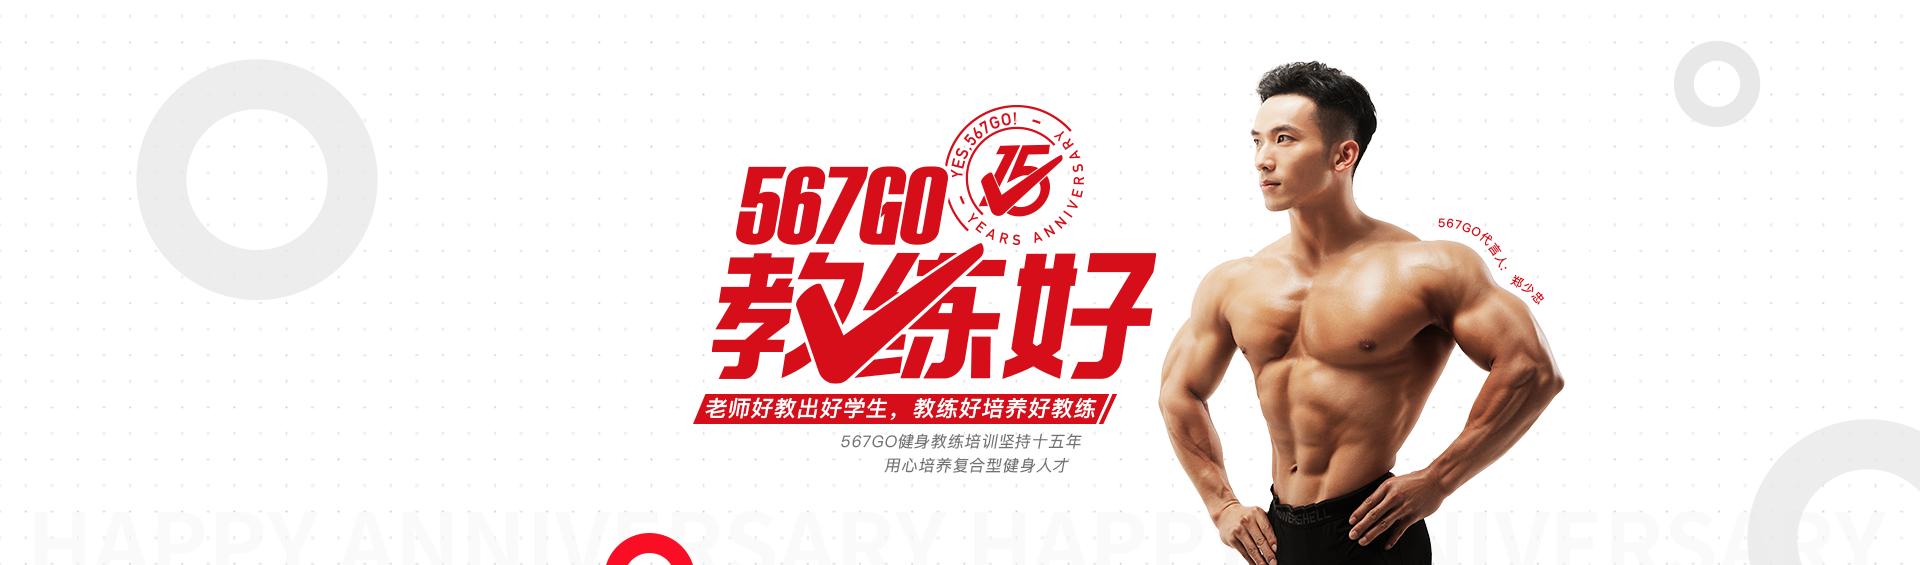 北京567GO健身学院 横幅广告